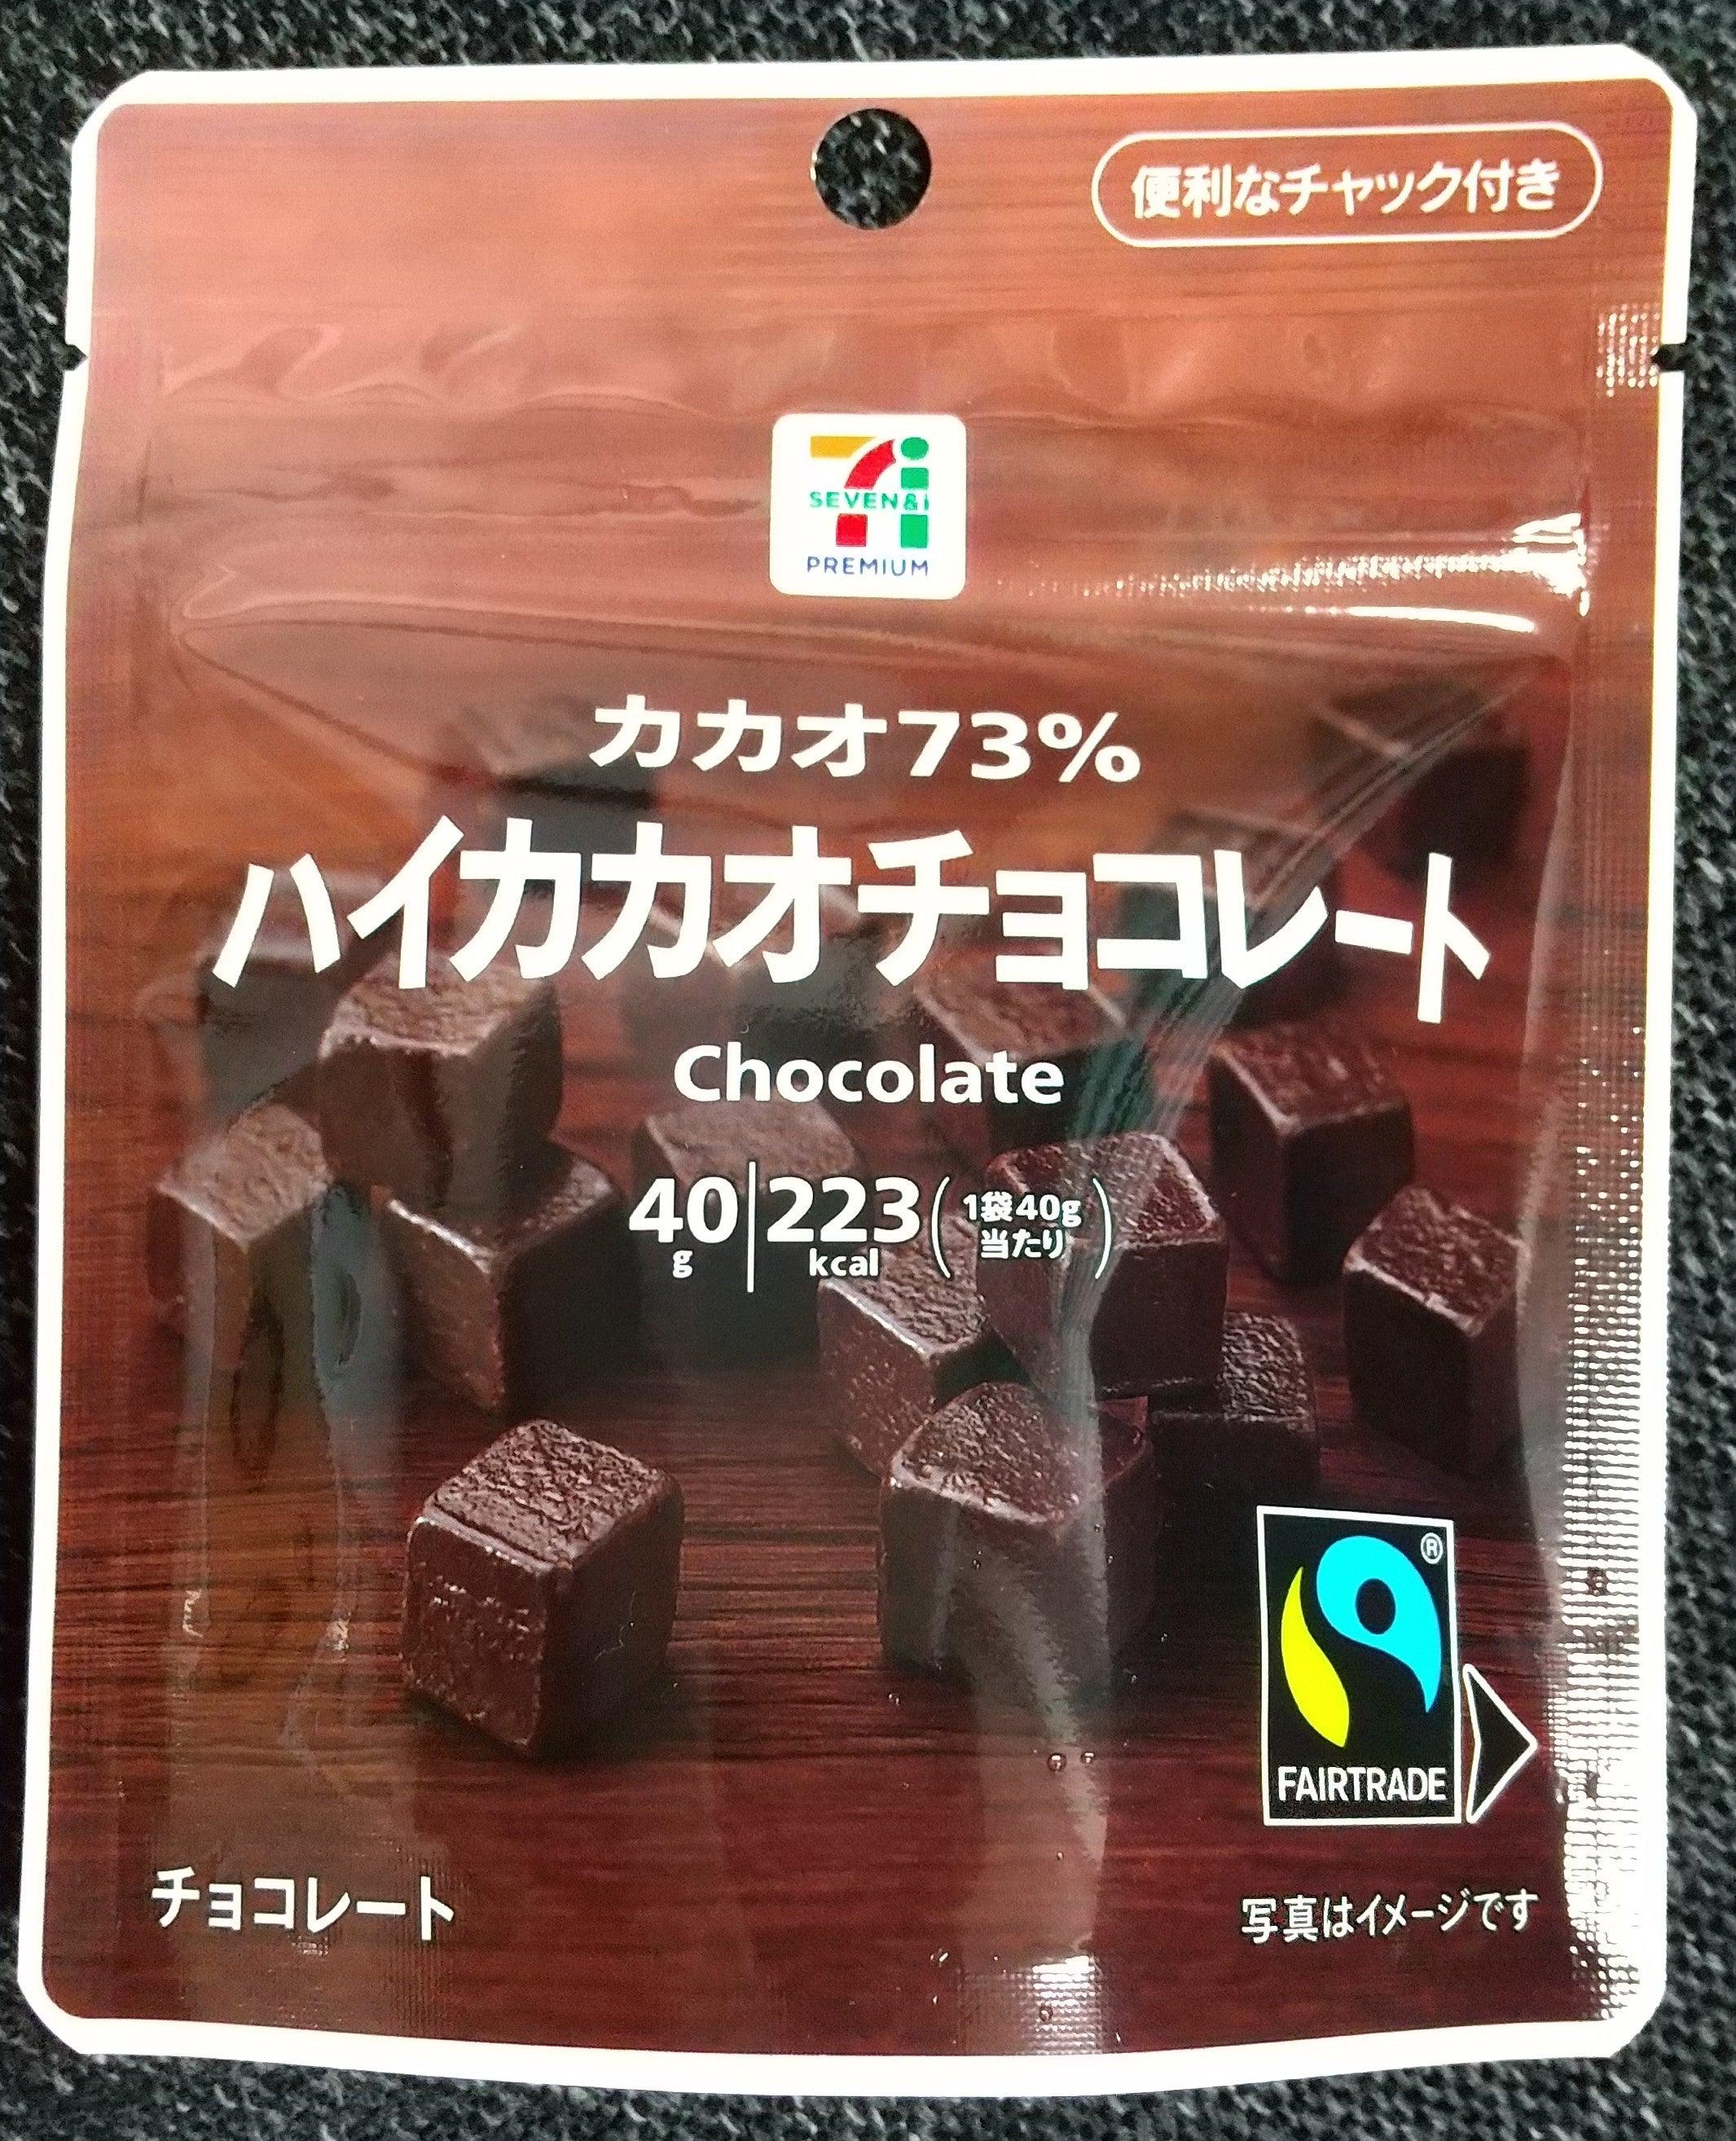 セブンイレブン チョコ